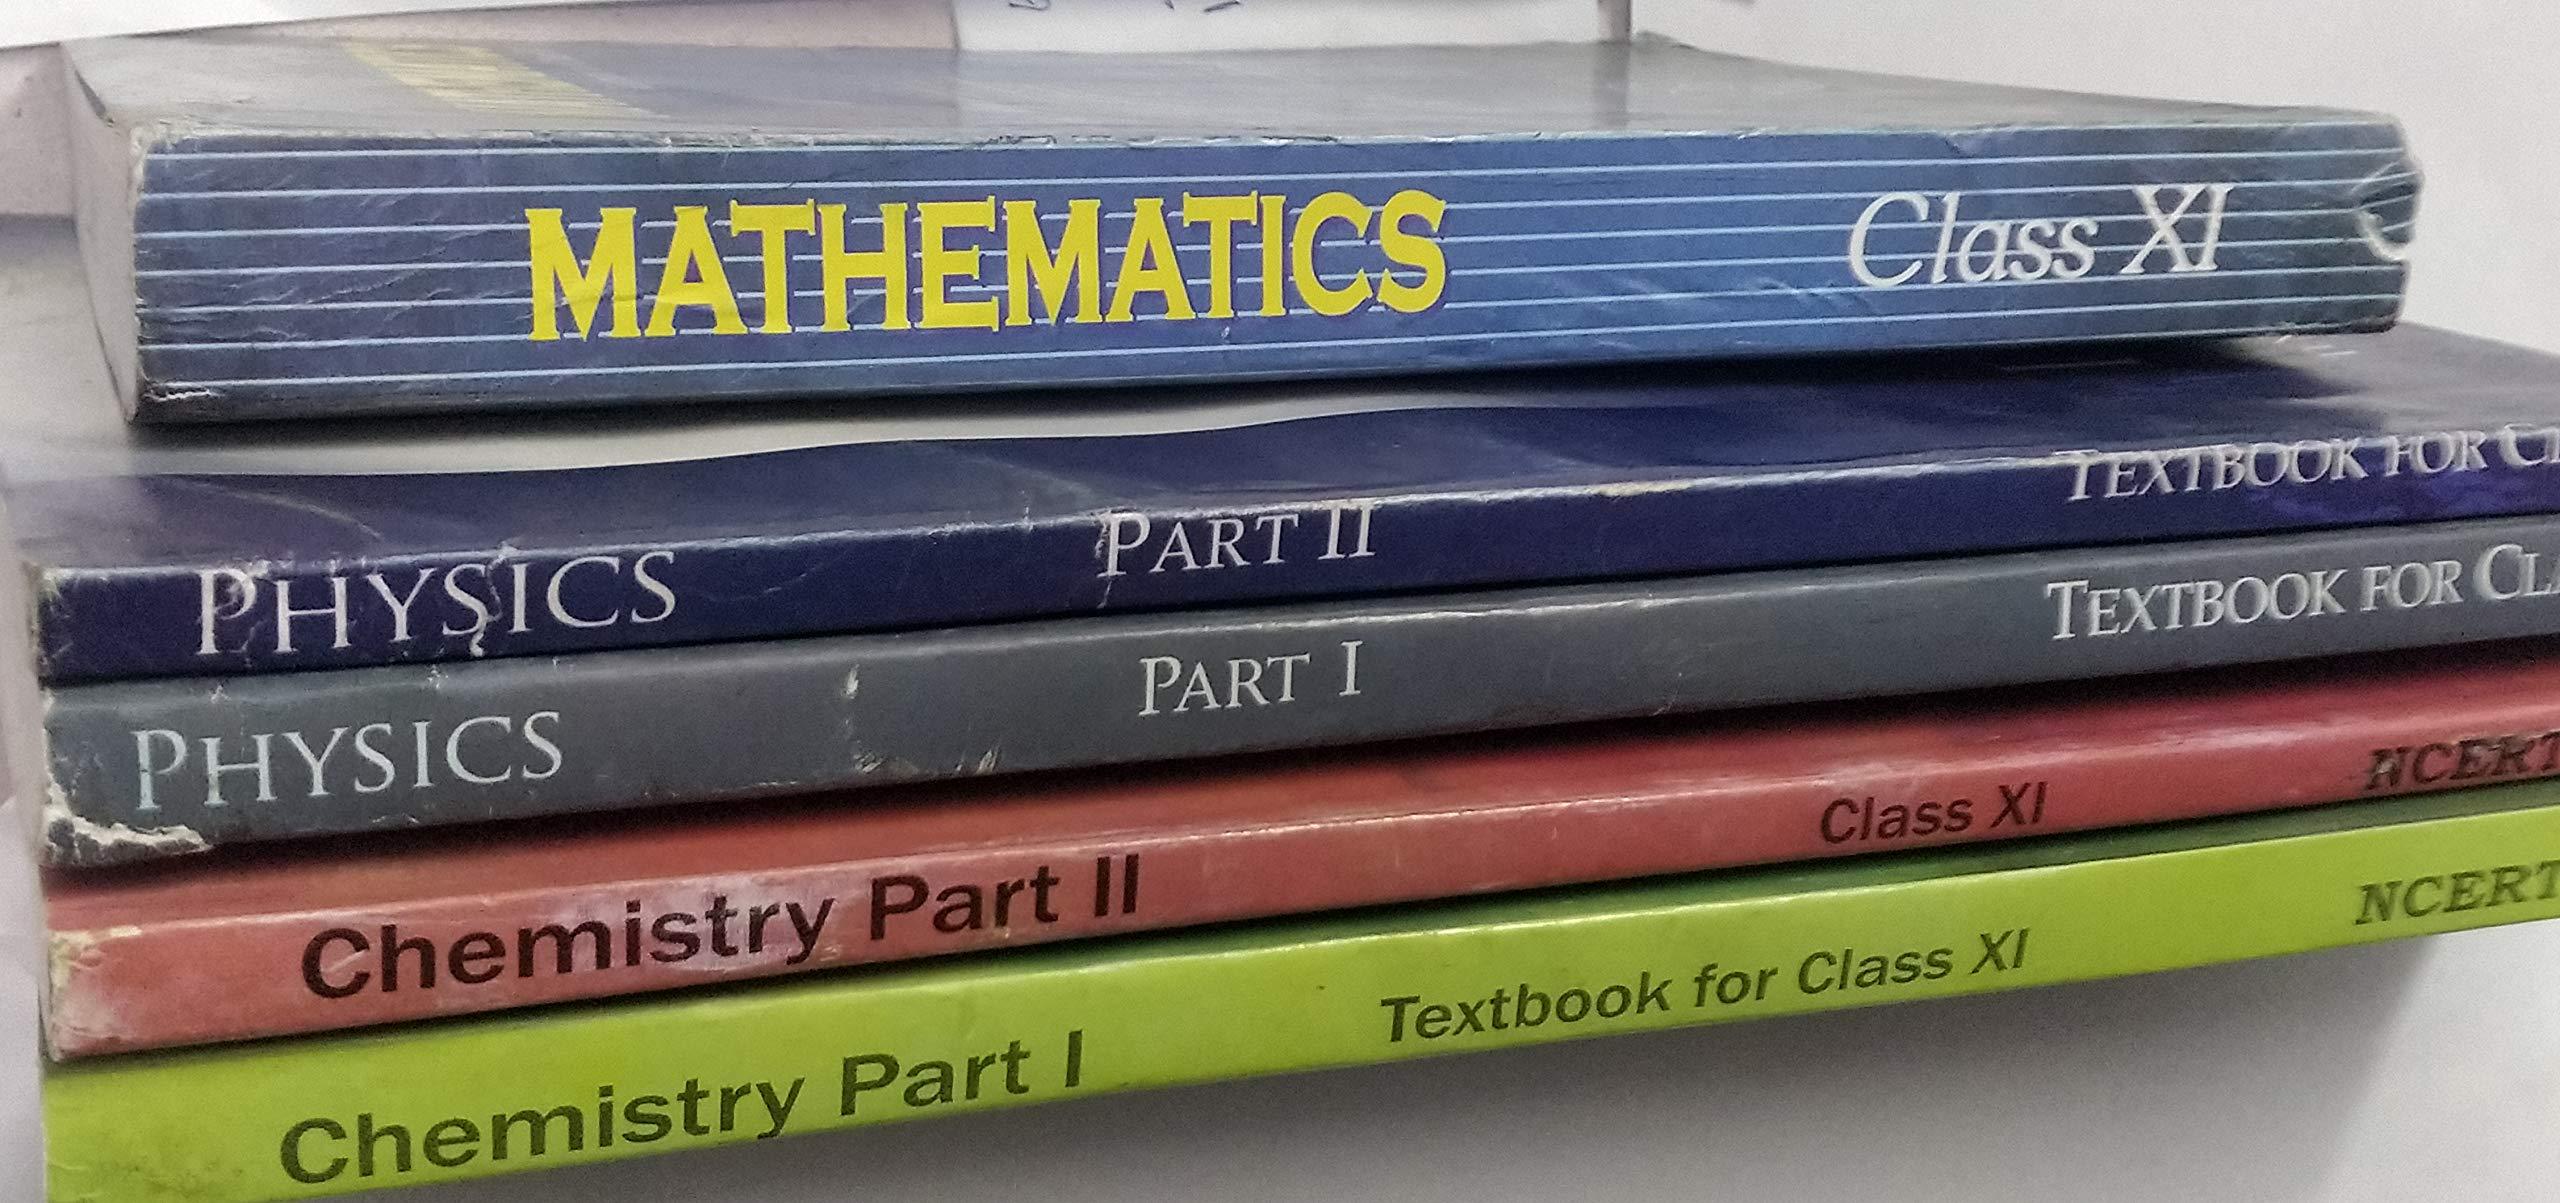 Ncert Books Pdf Tamil Medium